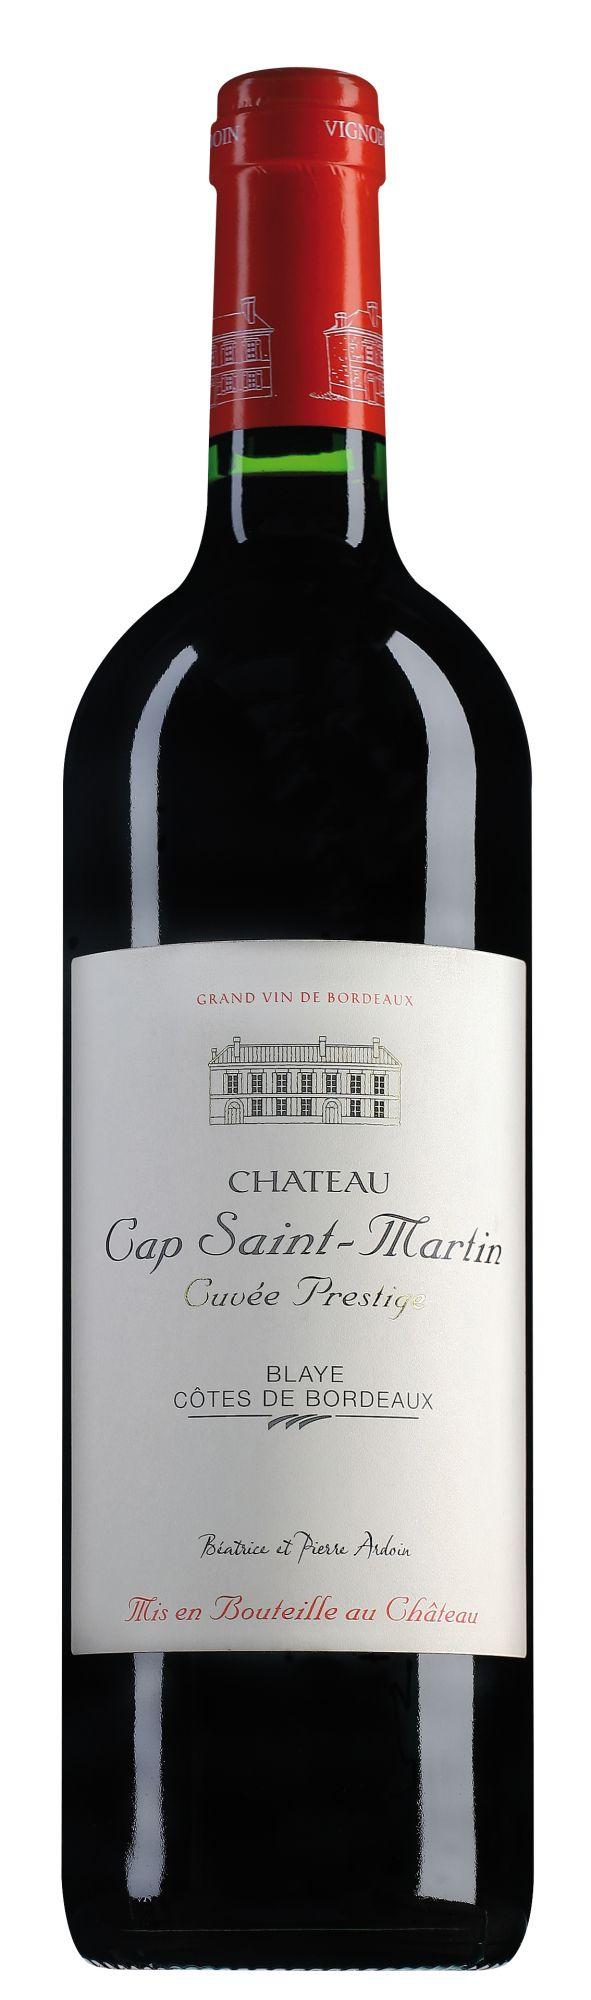 Château Cap Saint Martin Blaye Côtes de Bordeaux Cuvée Prestige